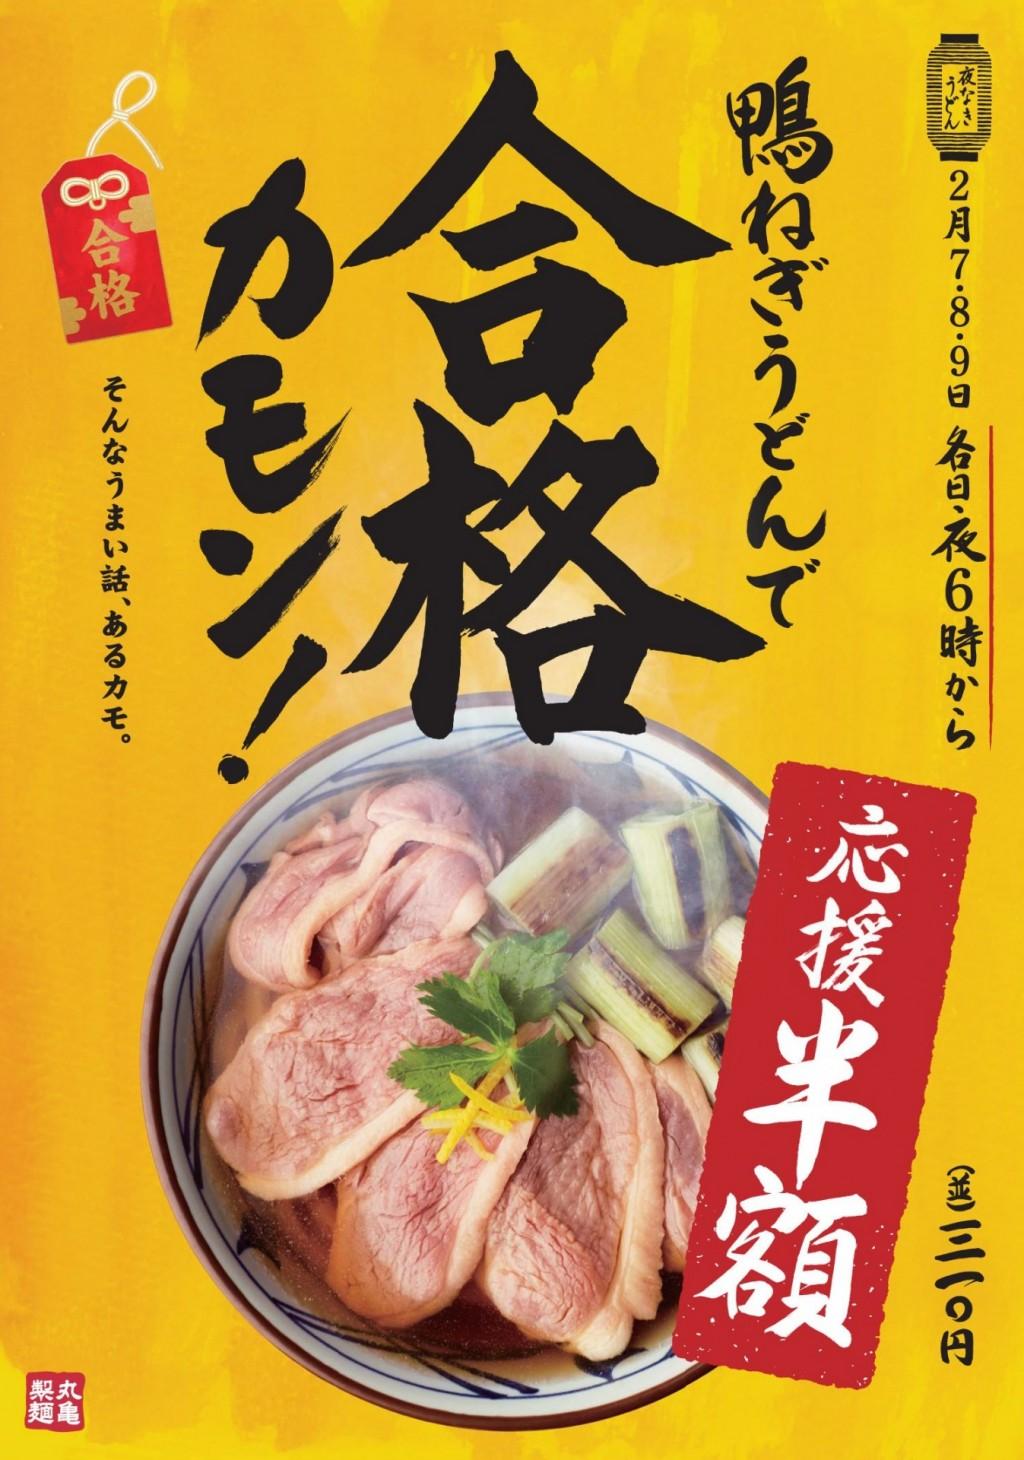 kamonegi_b1_hangaku_0120